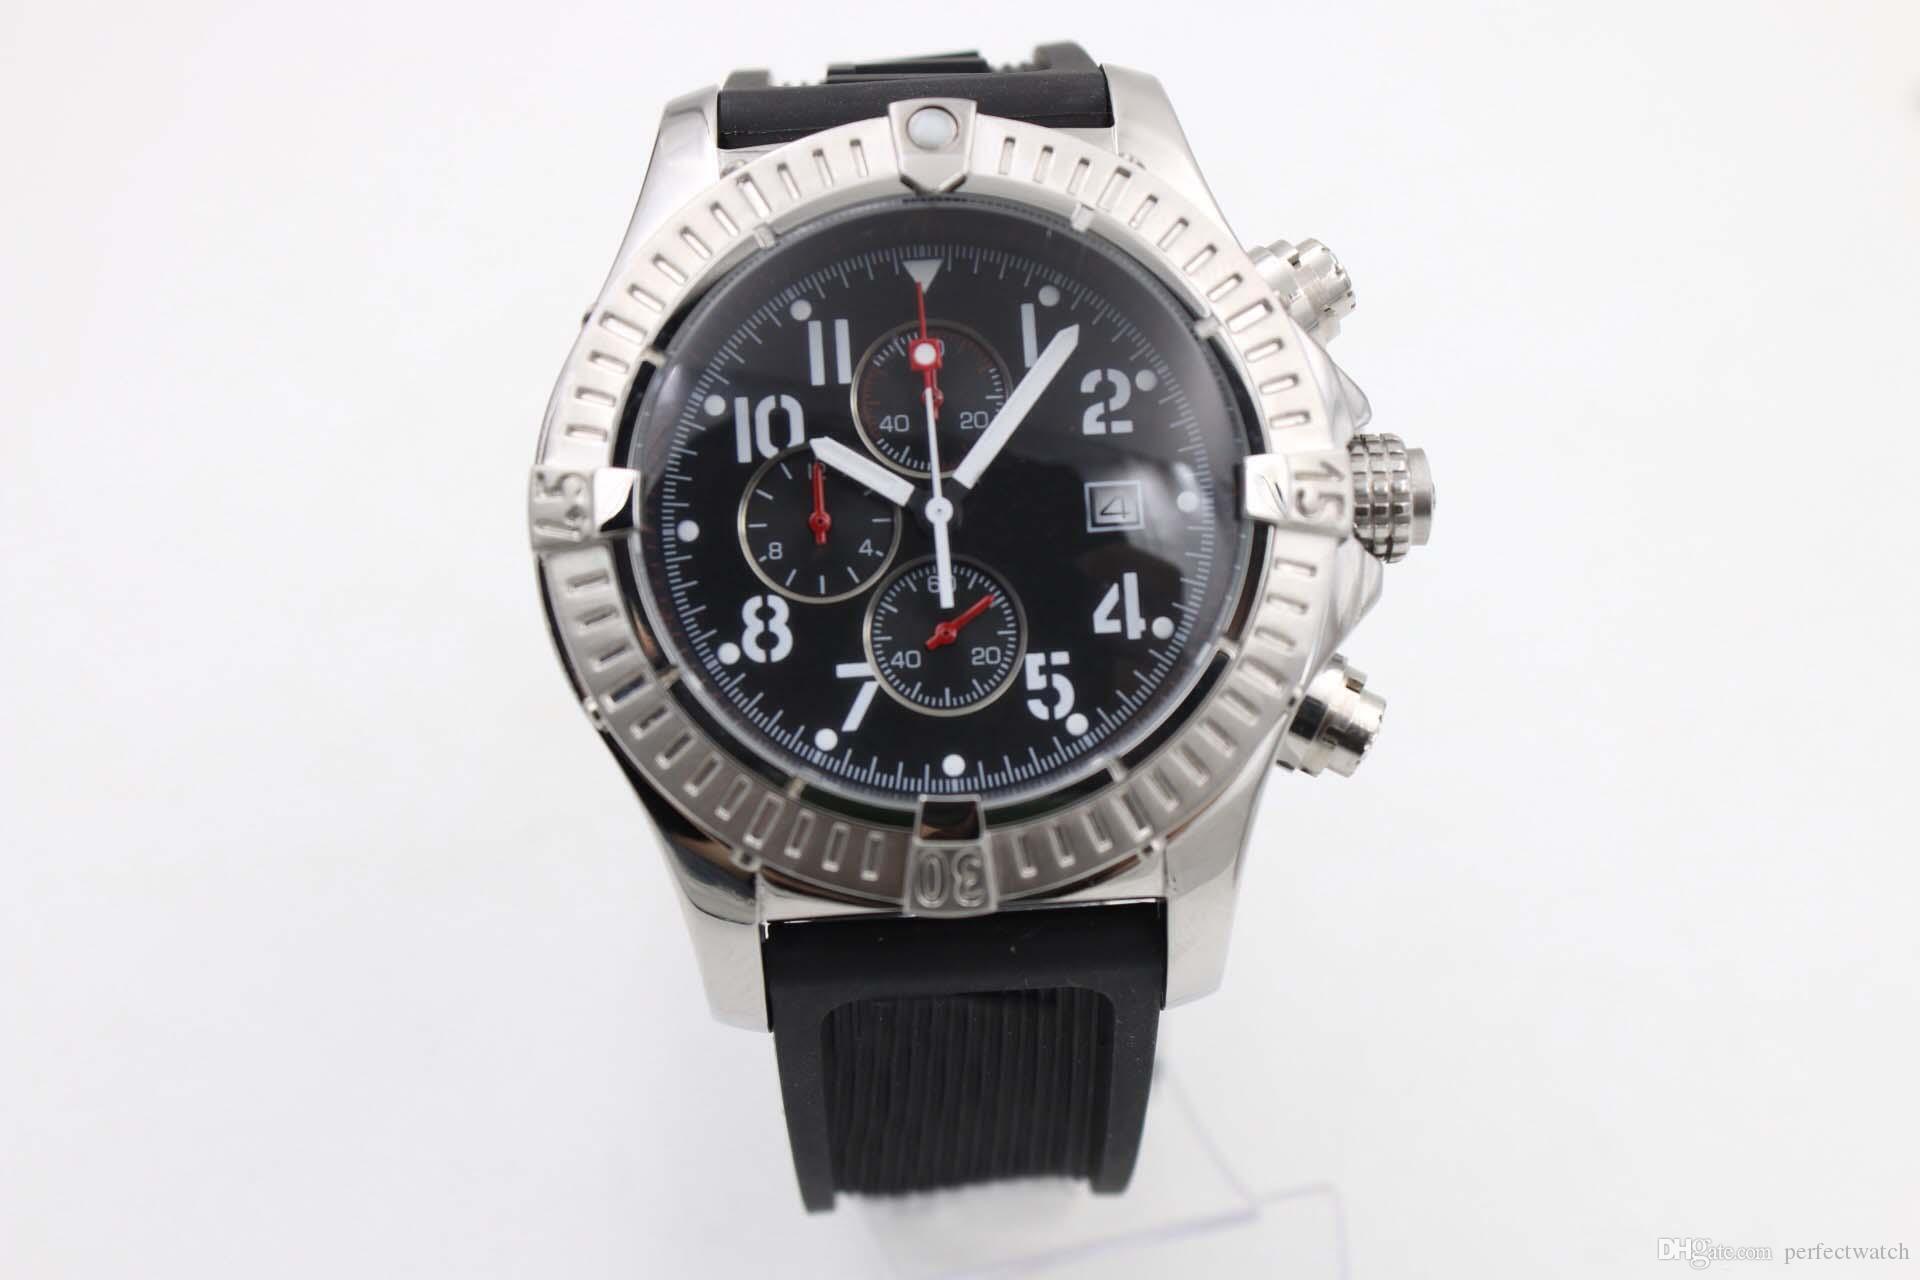 고품질 옛 브랜드 남자 시계 Avenger 시리즈 A1338012 / F548 (다이버 프로 깊은 잠복 고무 스트랩) 쿼츠 시계 스톱워치 시계